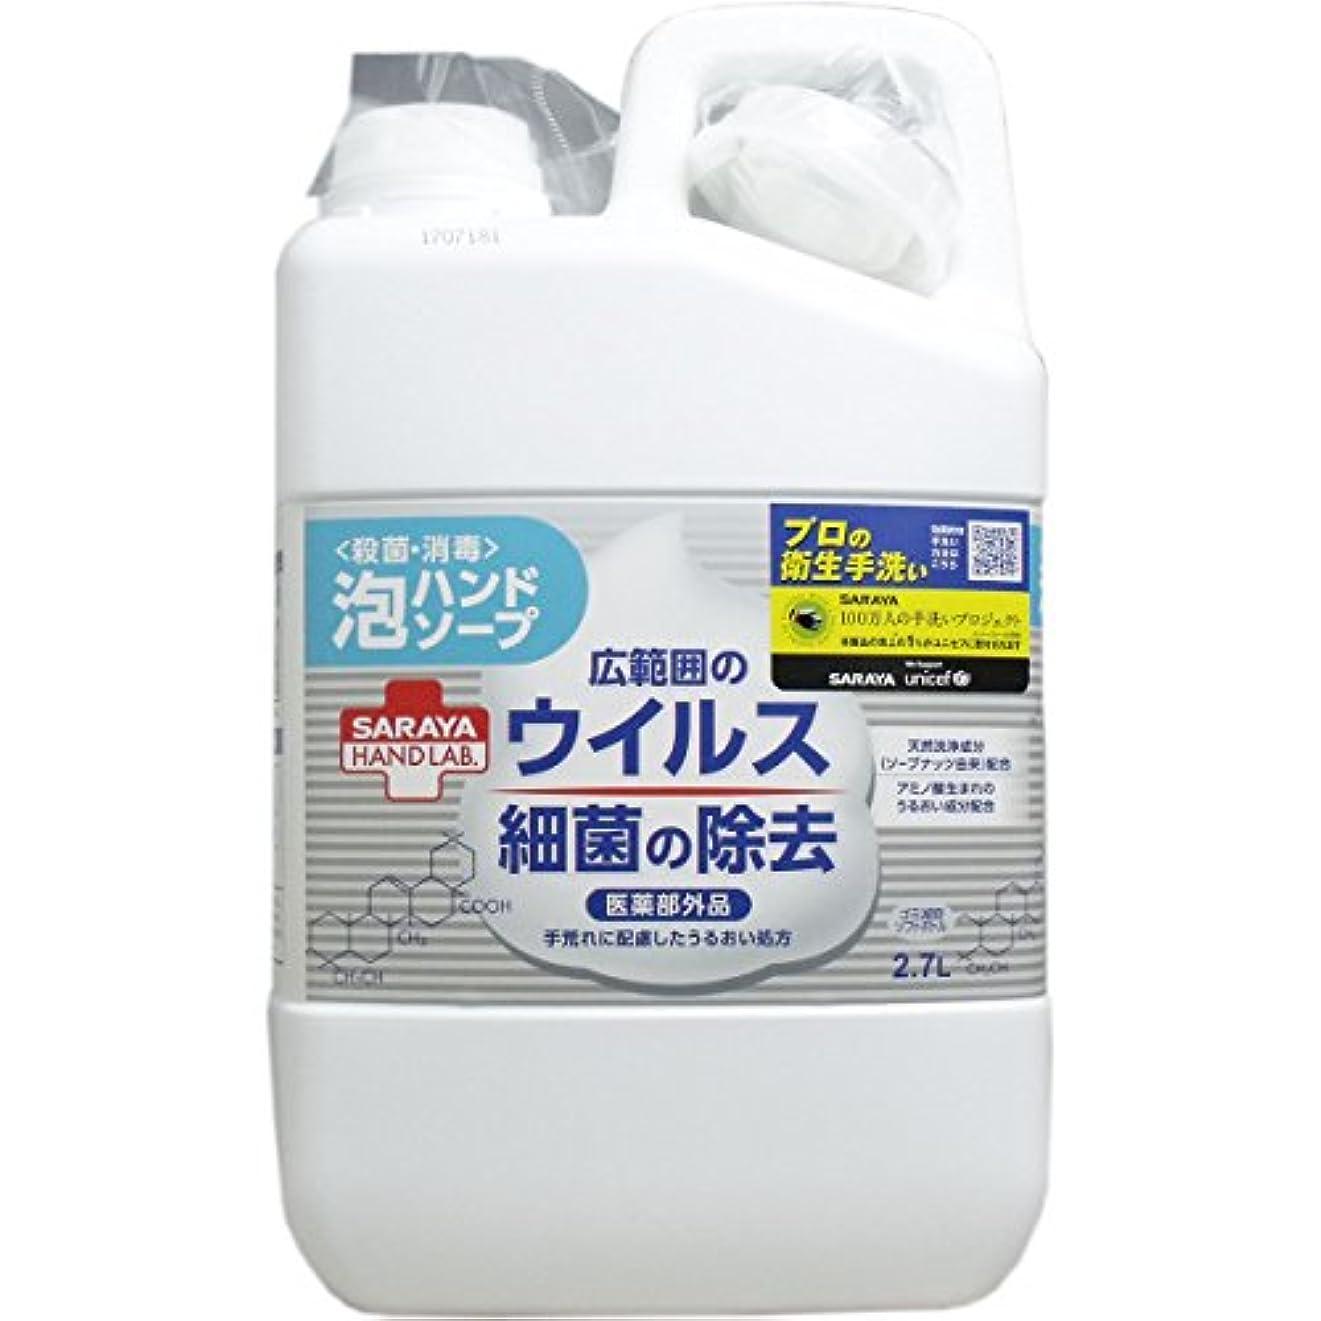 火山学サスペンド薬剤師ハンドラボ 薬用泡ハンドソープ 詰替用 2.7L